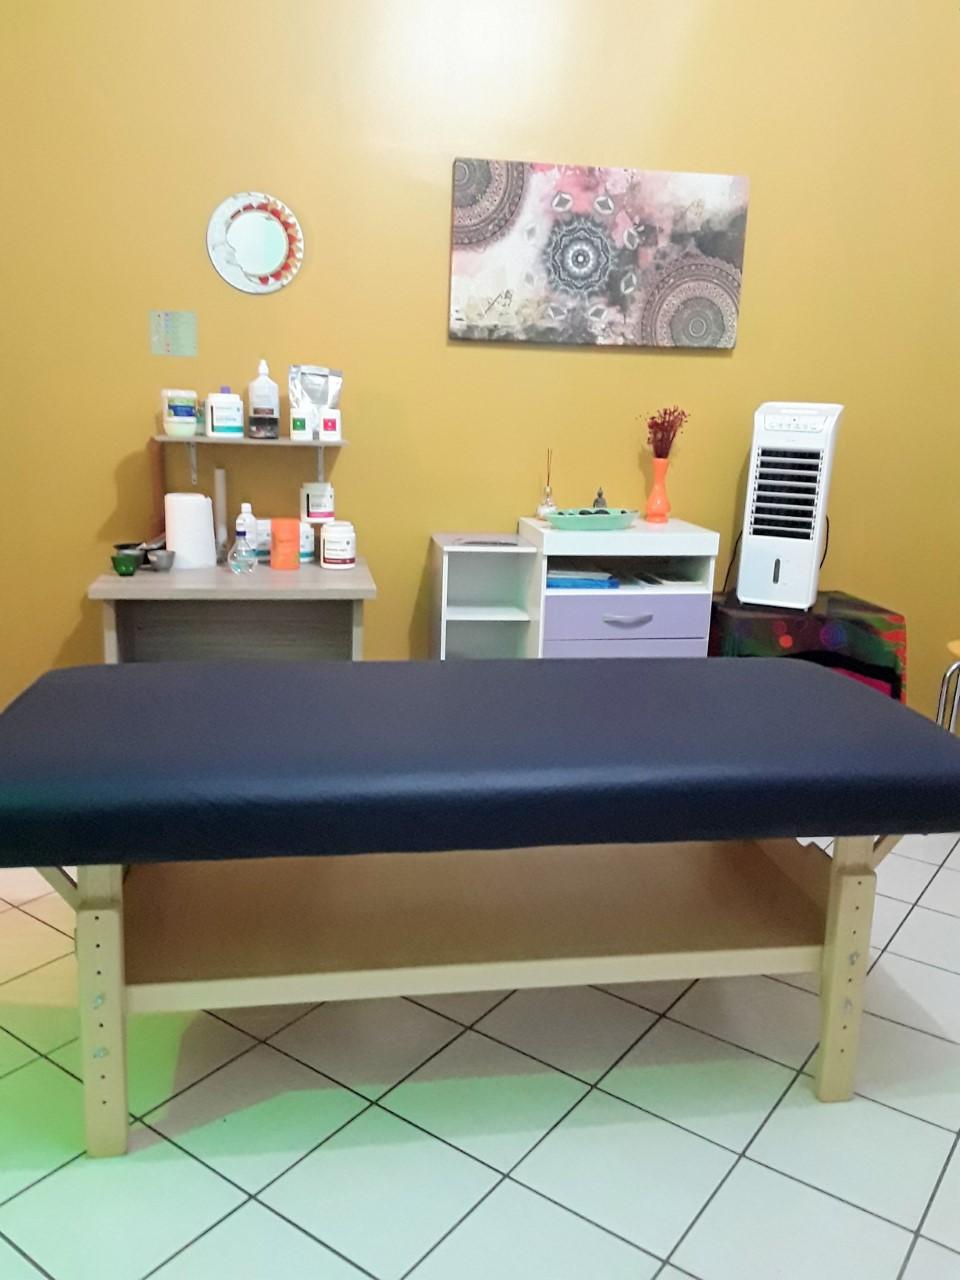 Lú Massoterapia e Terapias Holísticas